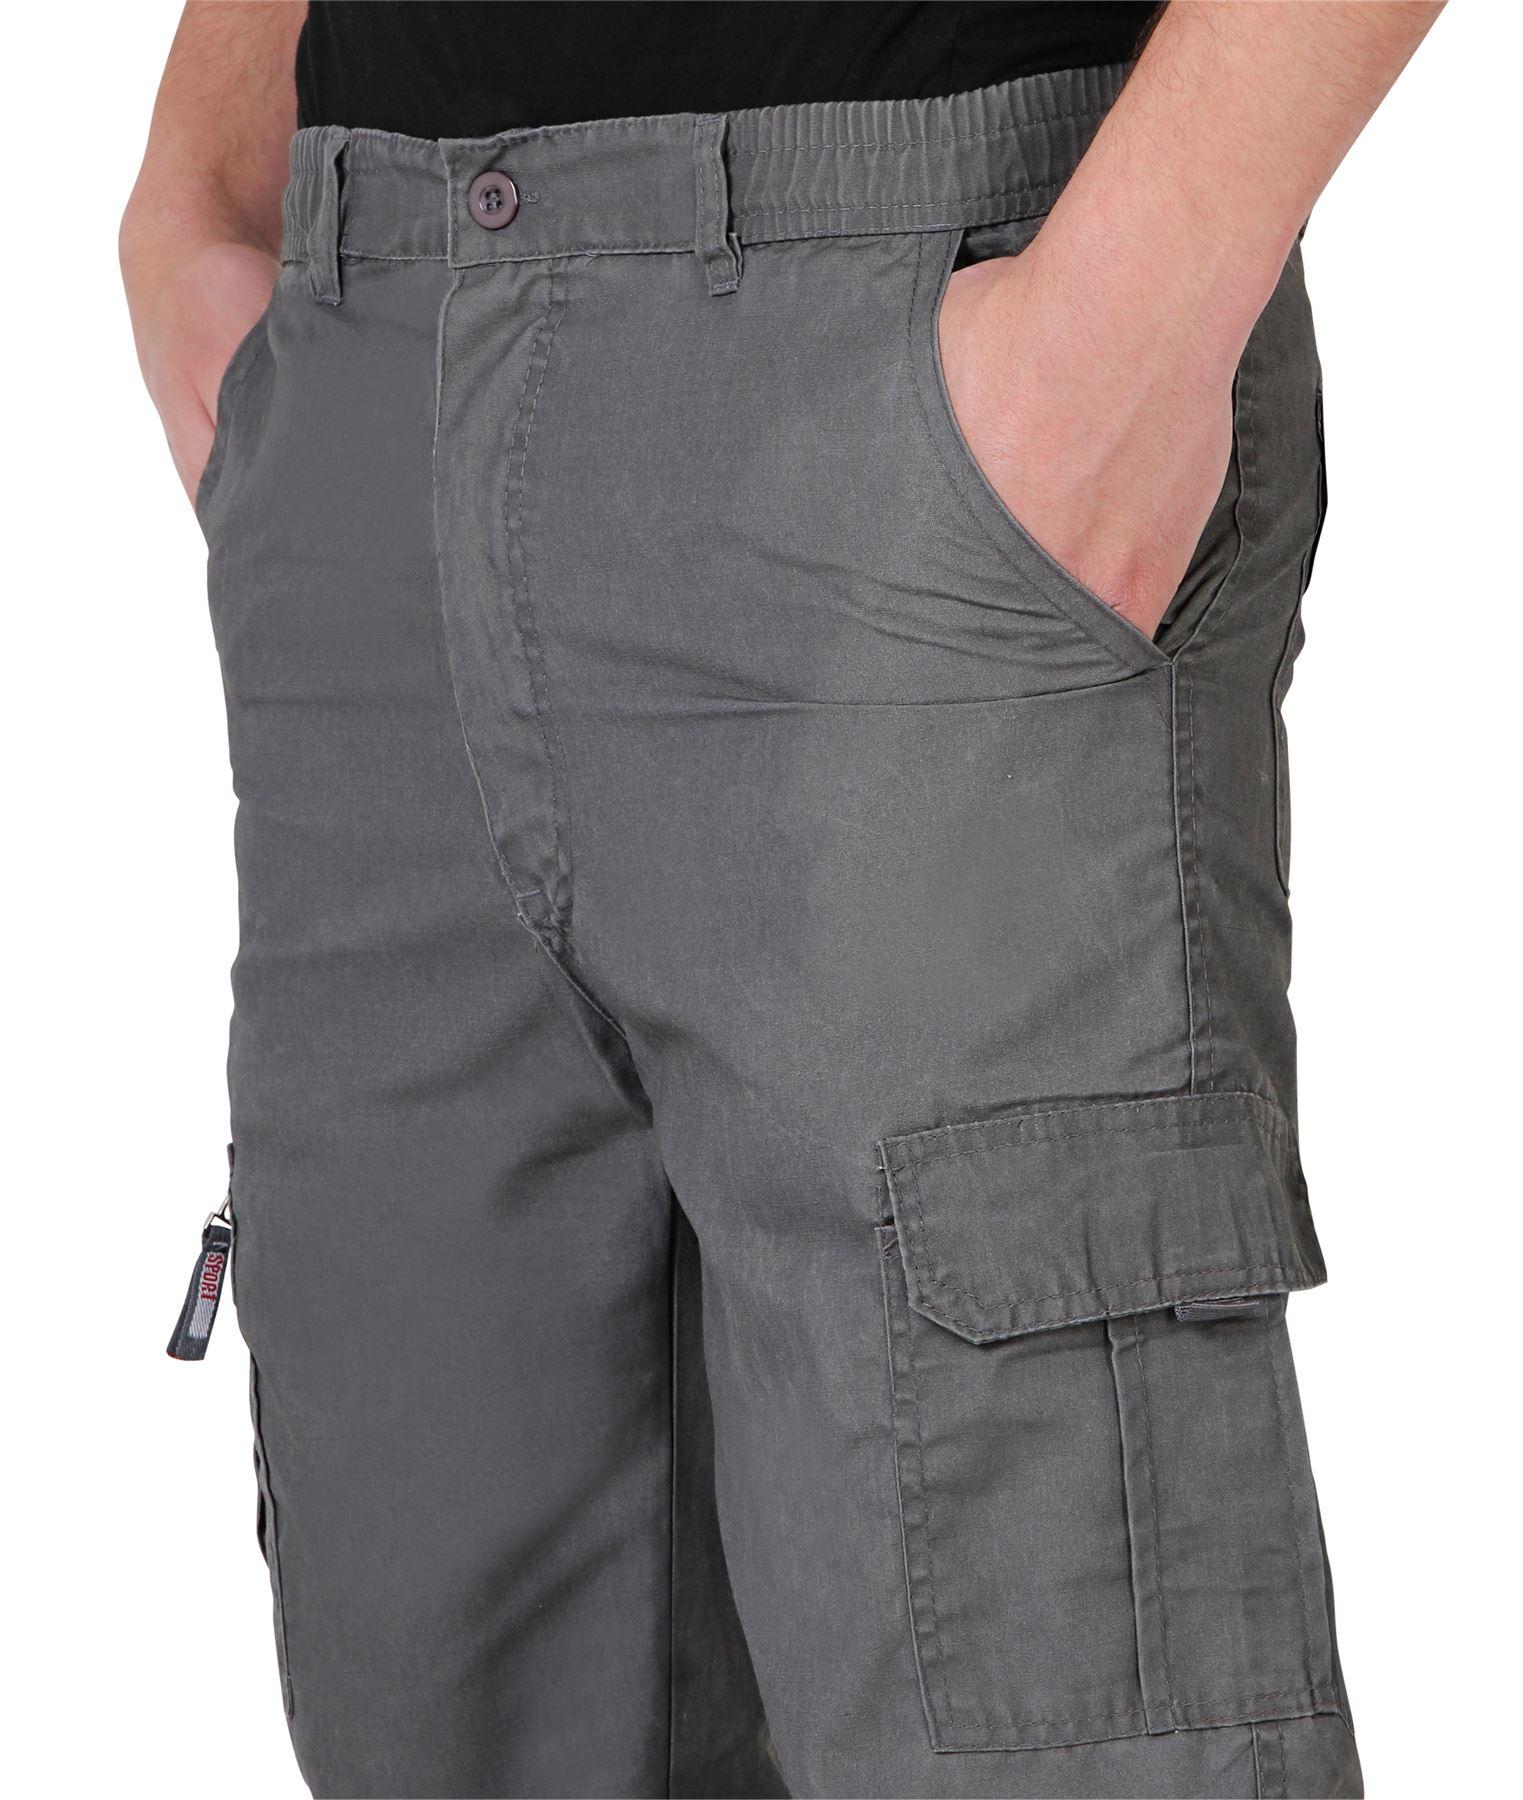 Uomo-Militare-Cargo-Pantaloni-Cotone-Lavoro-Chino-Casual-Kaki miniatura 12